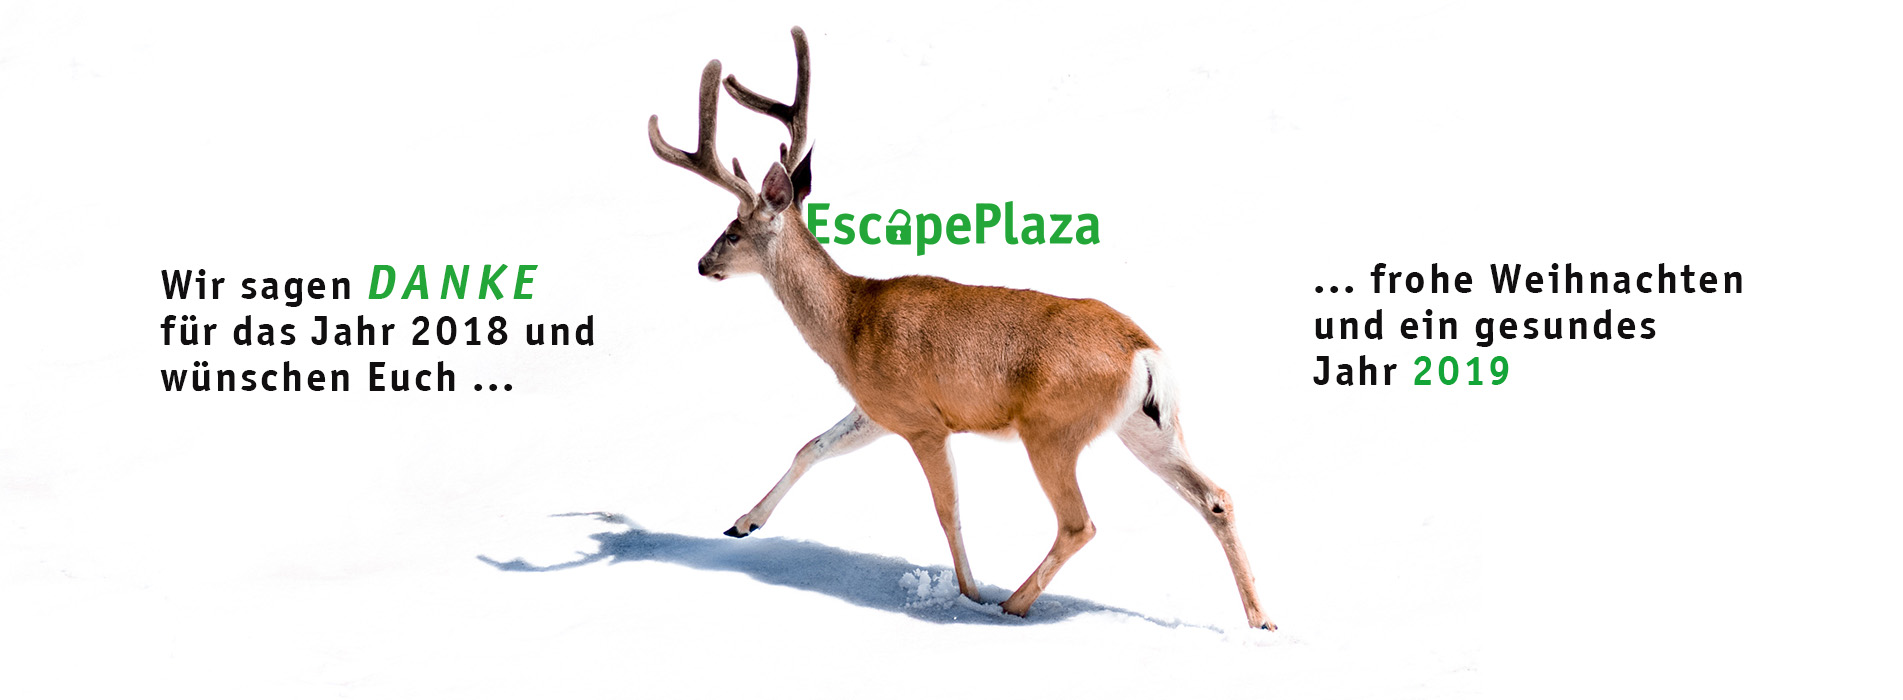 Escape Rooms Escapeplaza Christmas 2018